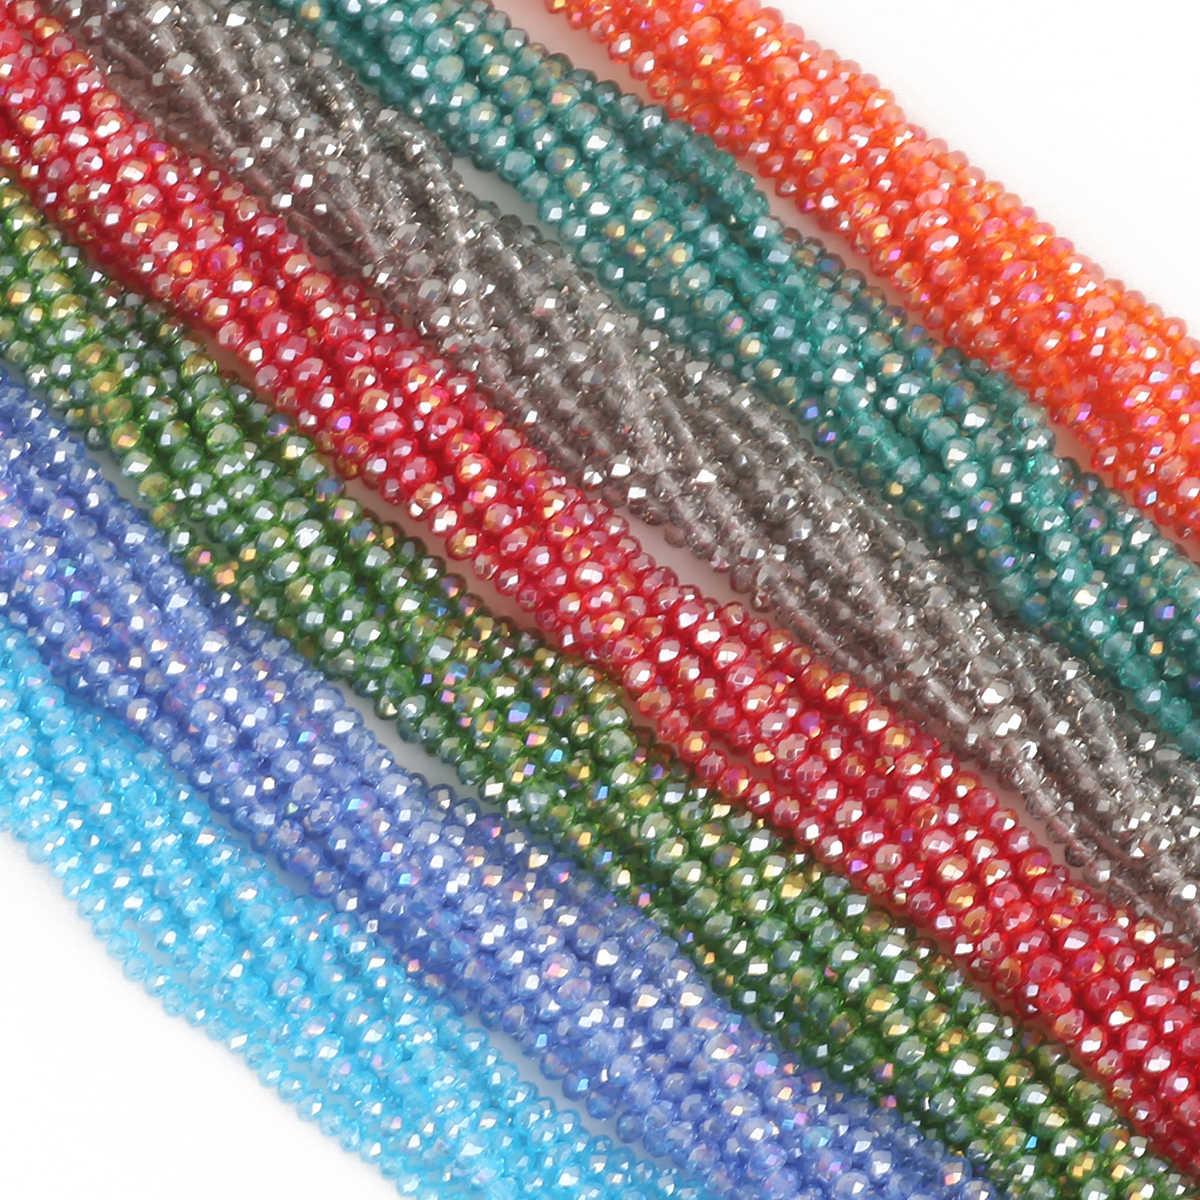 ピックサイズ 2 3 4 6 8 ミリメートルチェコロンデルクリスタルビーズジュエリー作成 Diy のため針仕事 AB 色スペーサーファセットガラスビーズ